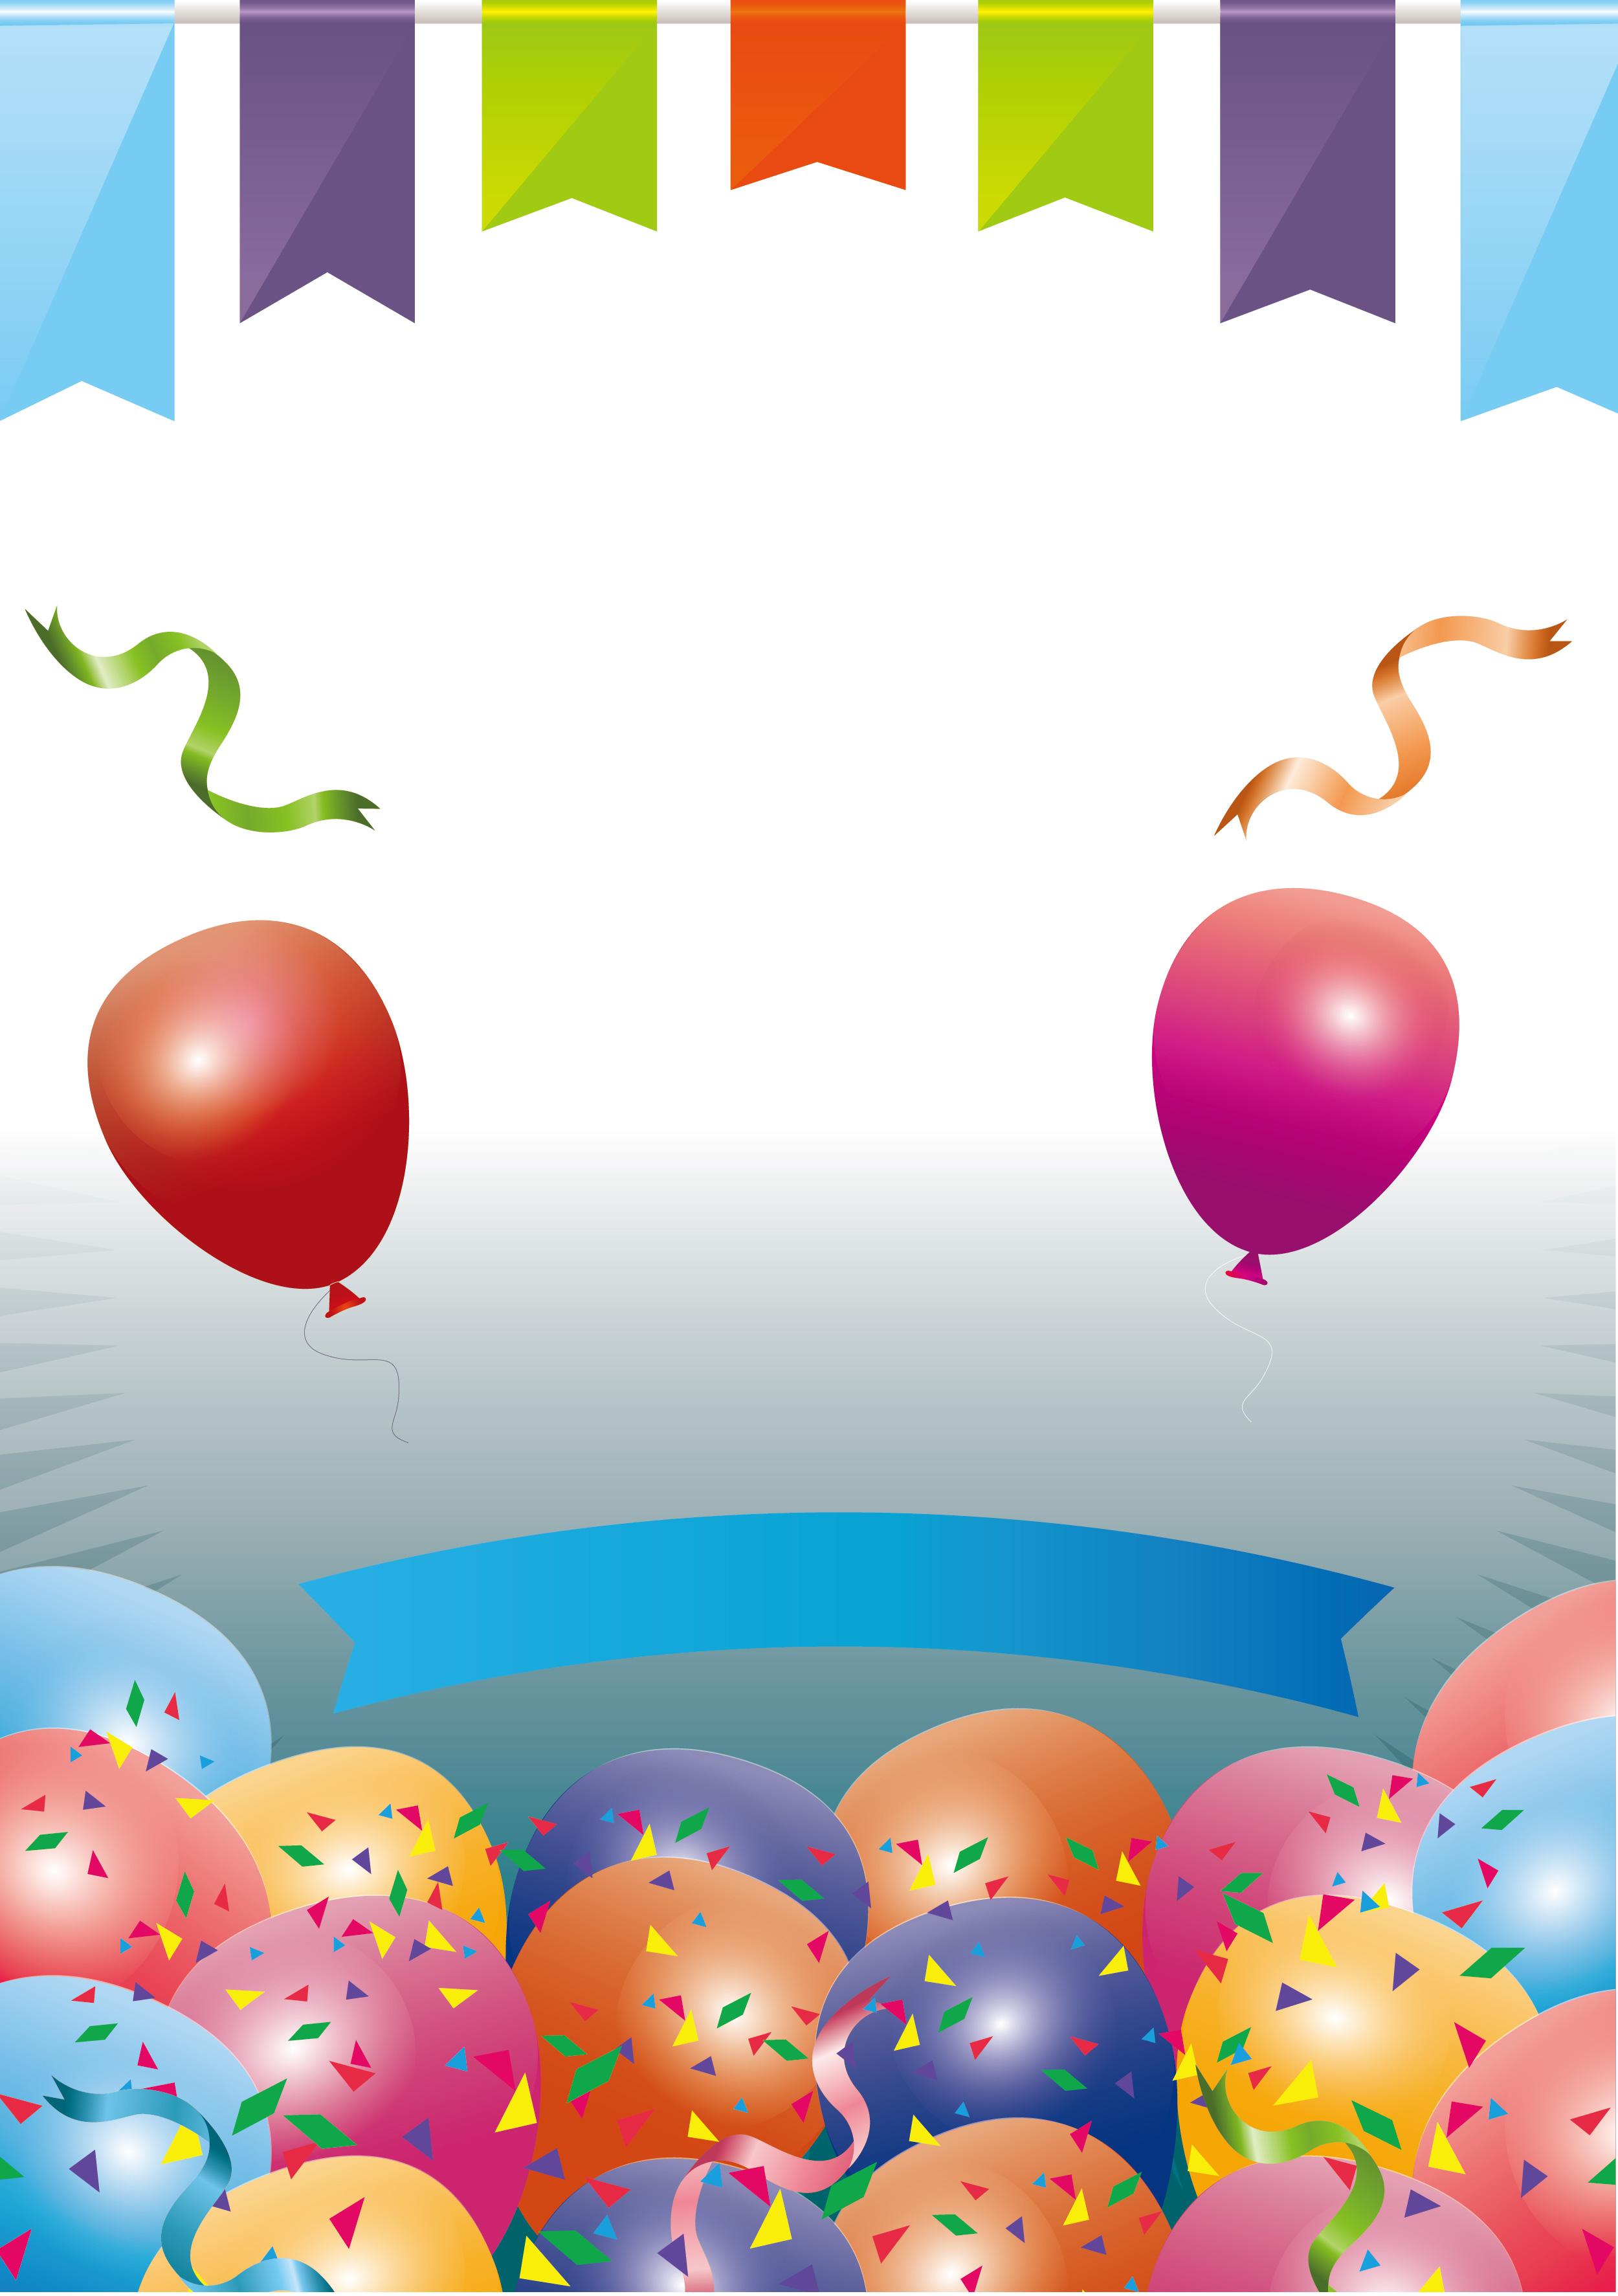 cartaz anivers u00e1rio tema material de fundo cartaz de anivers u00e1rio anivers u00e1rio o bal u00e3o imagem de